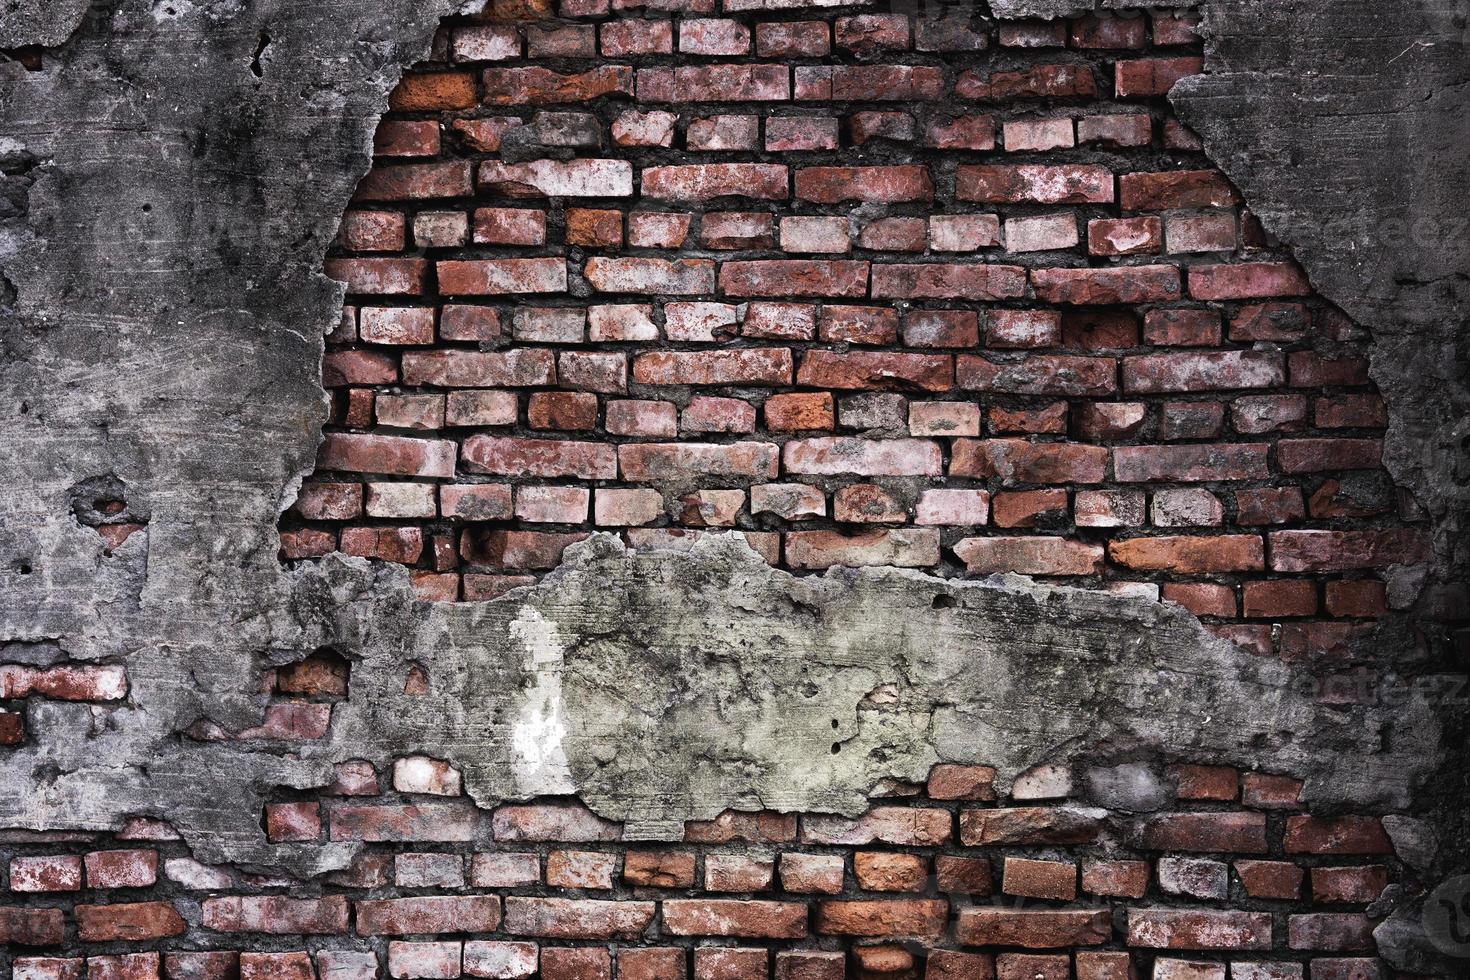 oude grunge bakstenen muur achtergrond foto